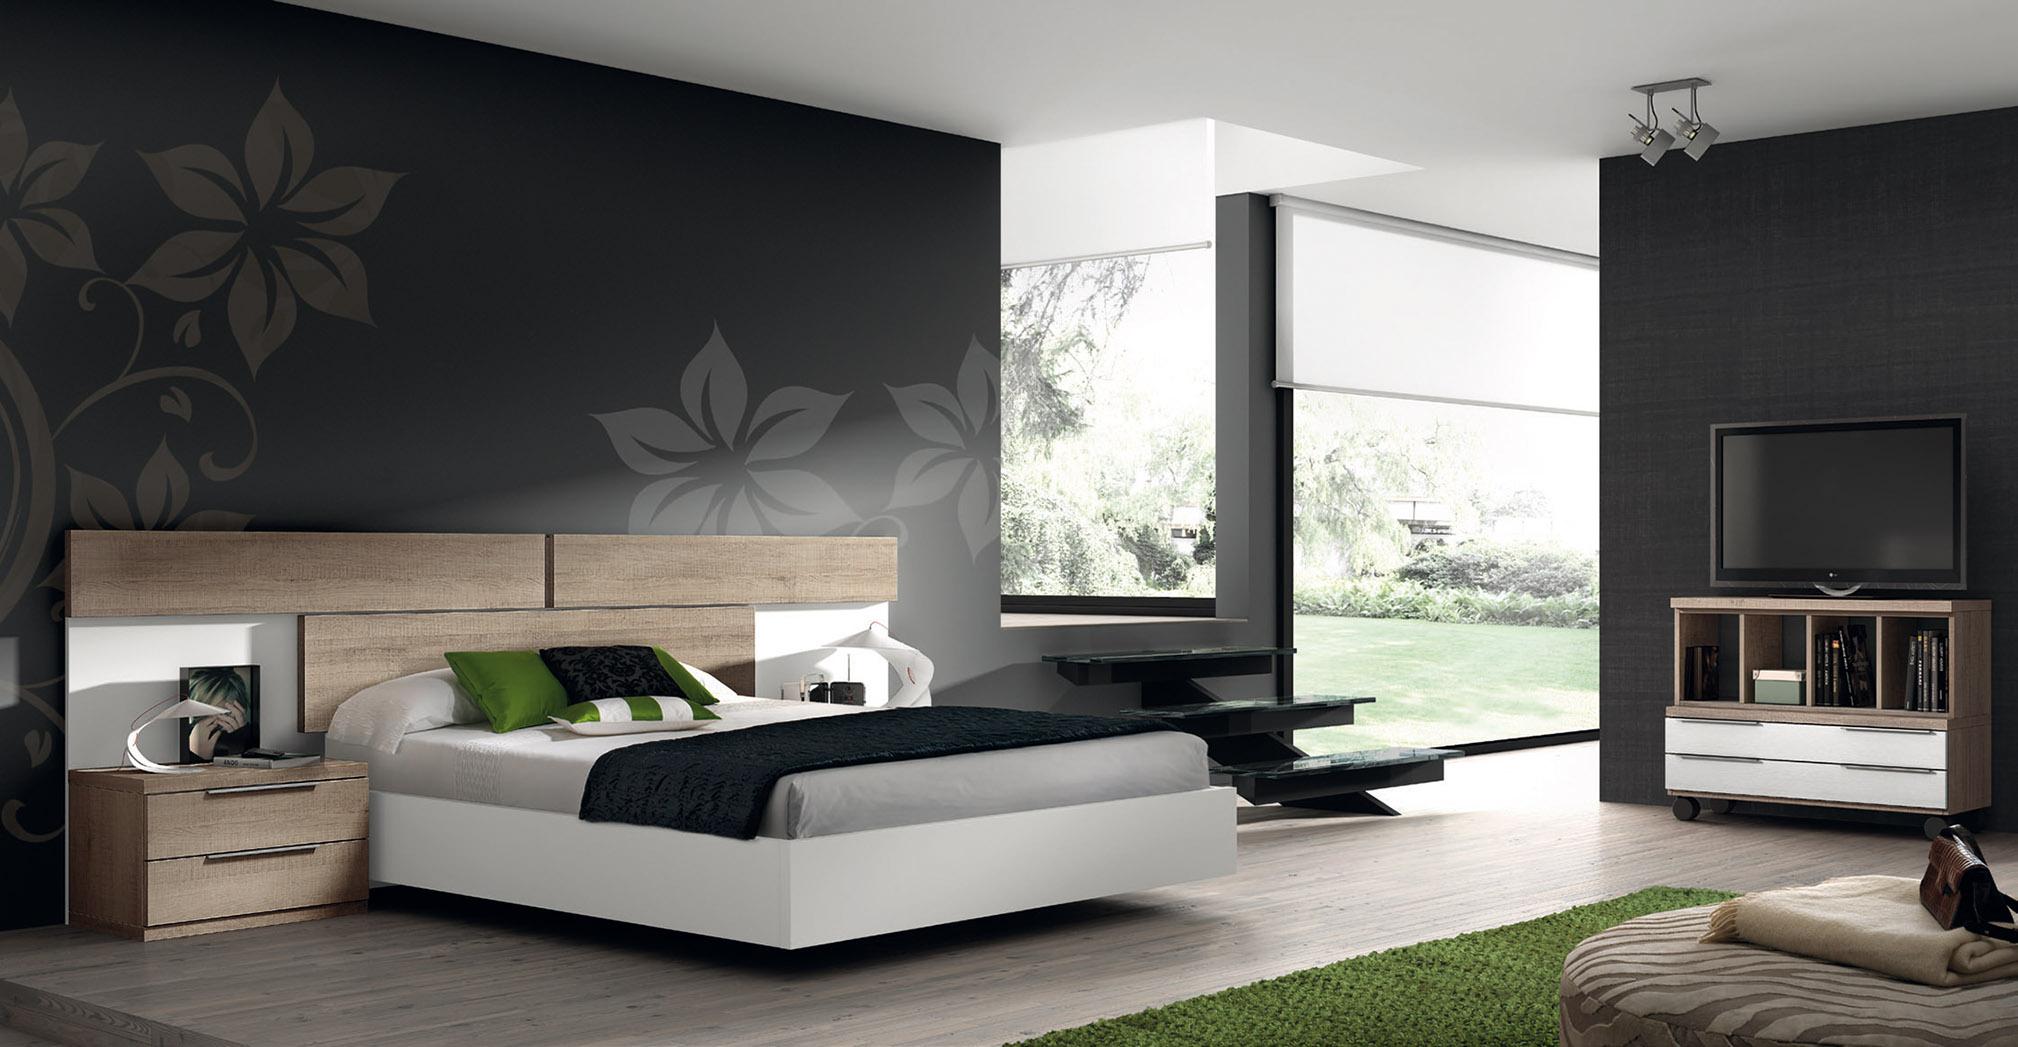 dormitorio-moderno-223-d2-casanova